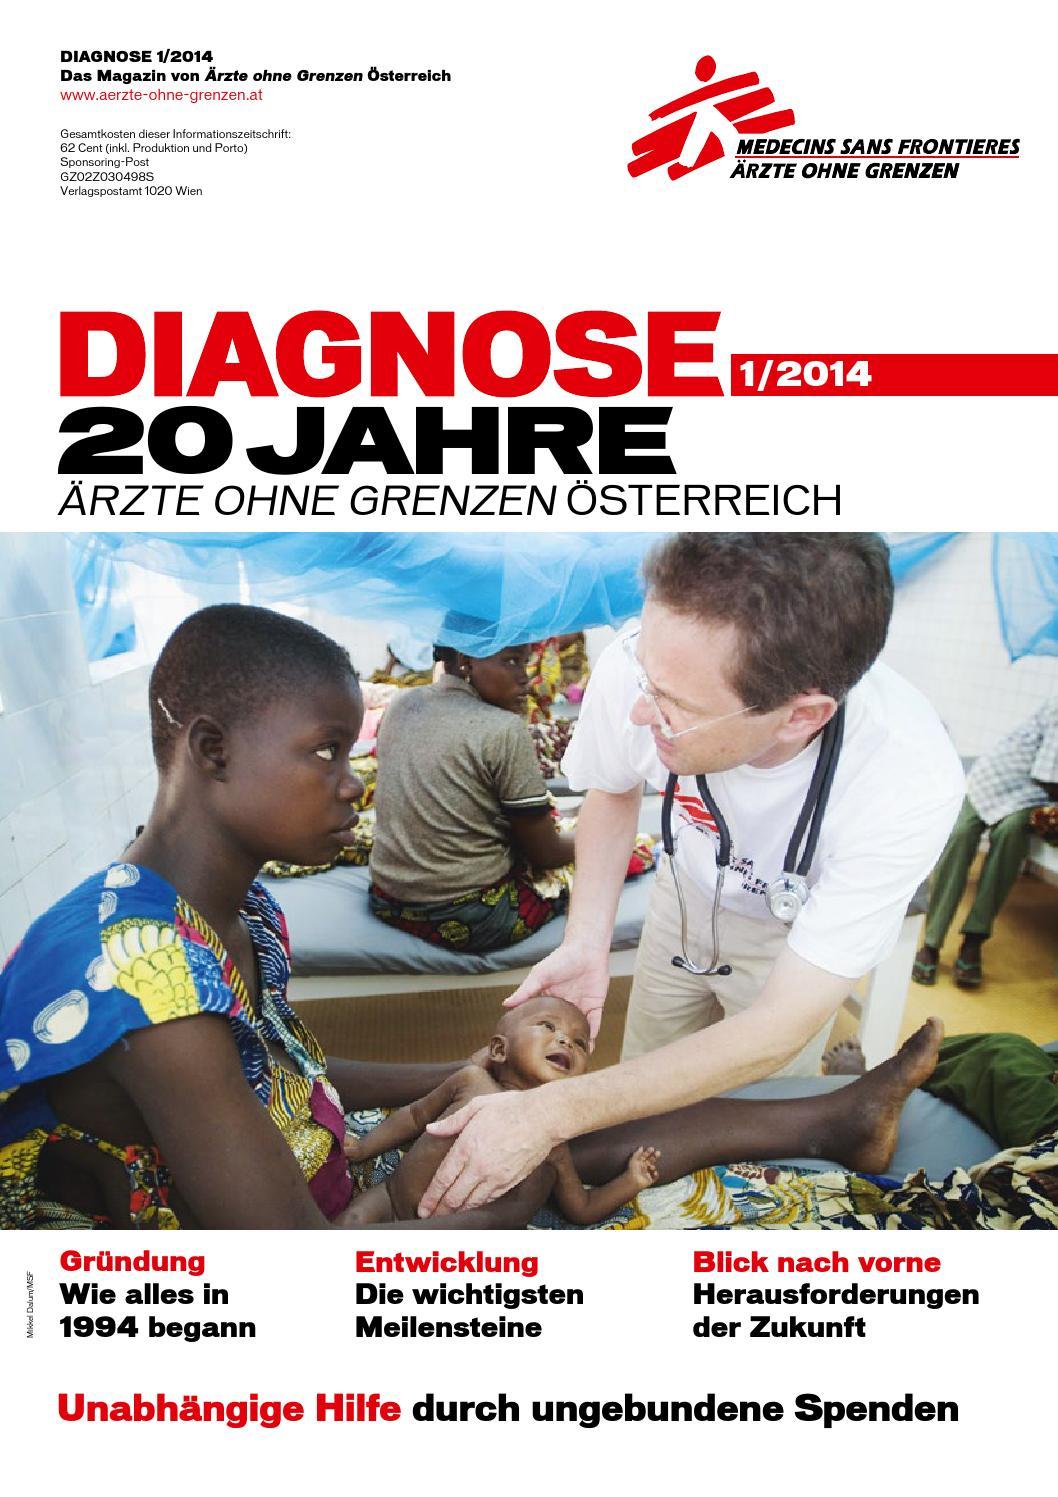 20 jahre Ärzte ohne grenzen Österreich diagnose by Ärzte  hilfe fur haiti eine osterreichische spendenaktion #14